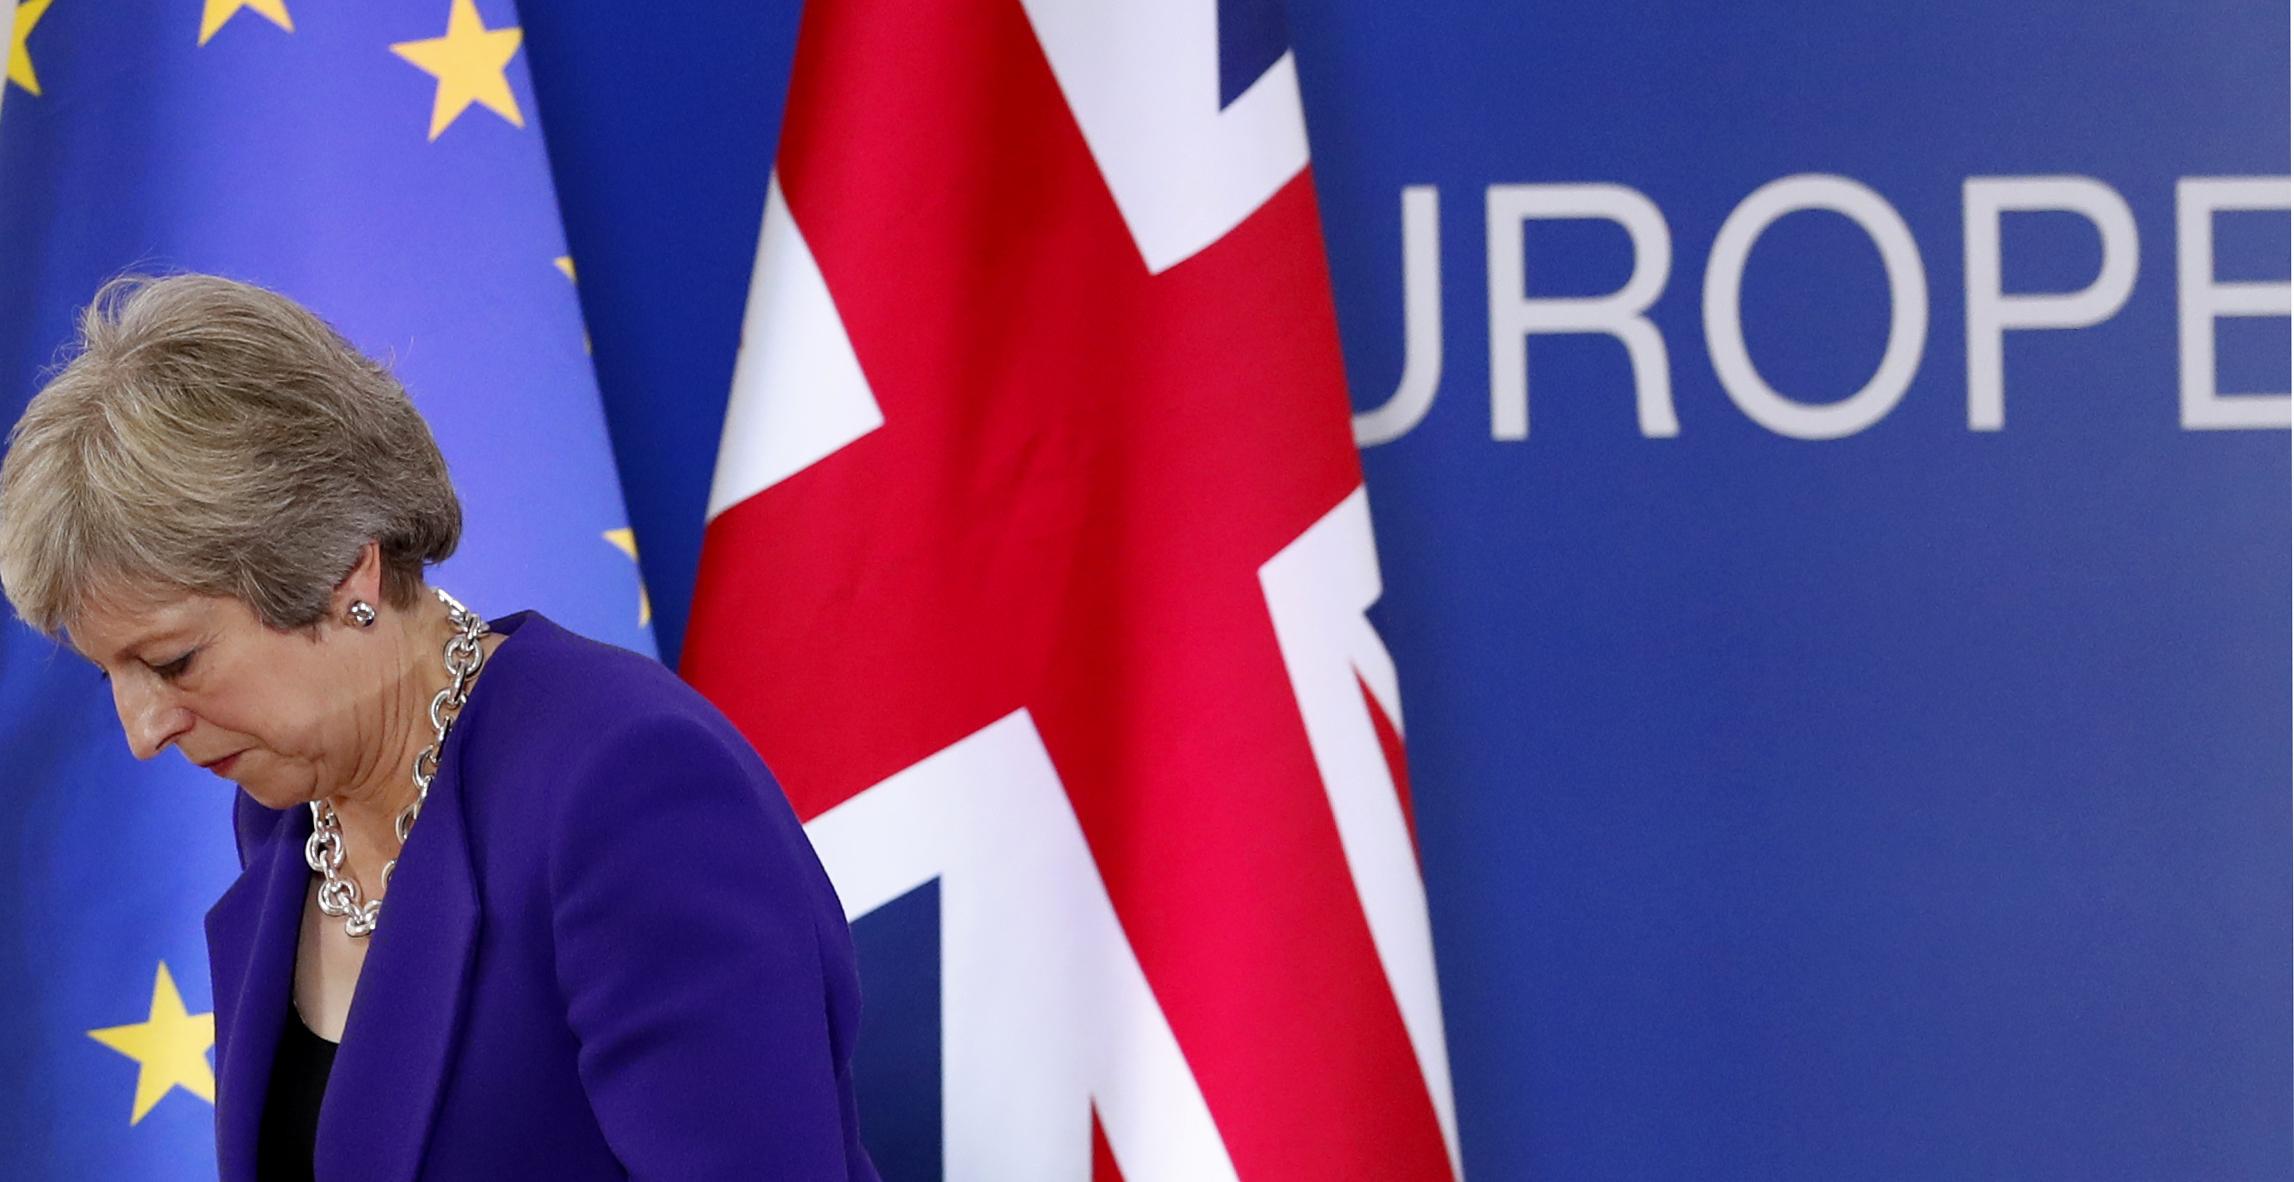 70萬英國民眾走上街頭反脫歐,英國首相梅伊仍未與歐盟達成協議(AP)